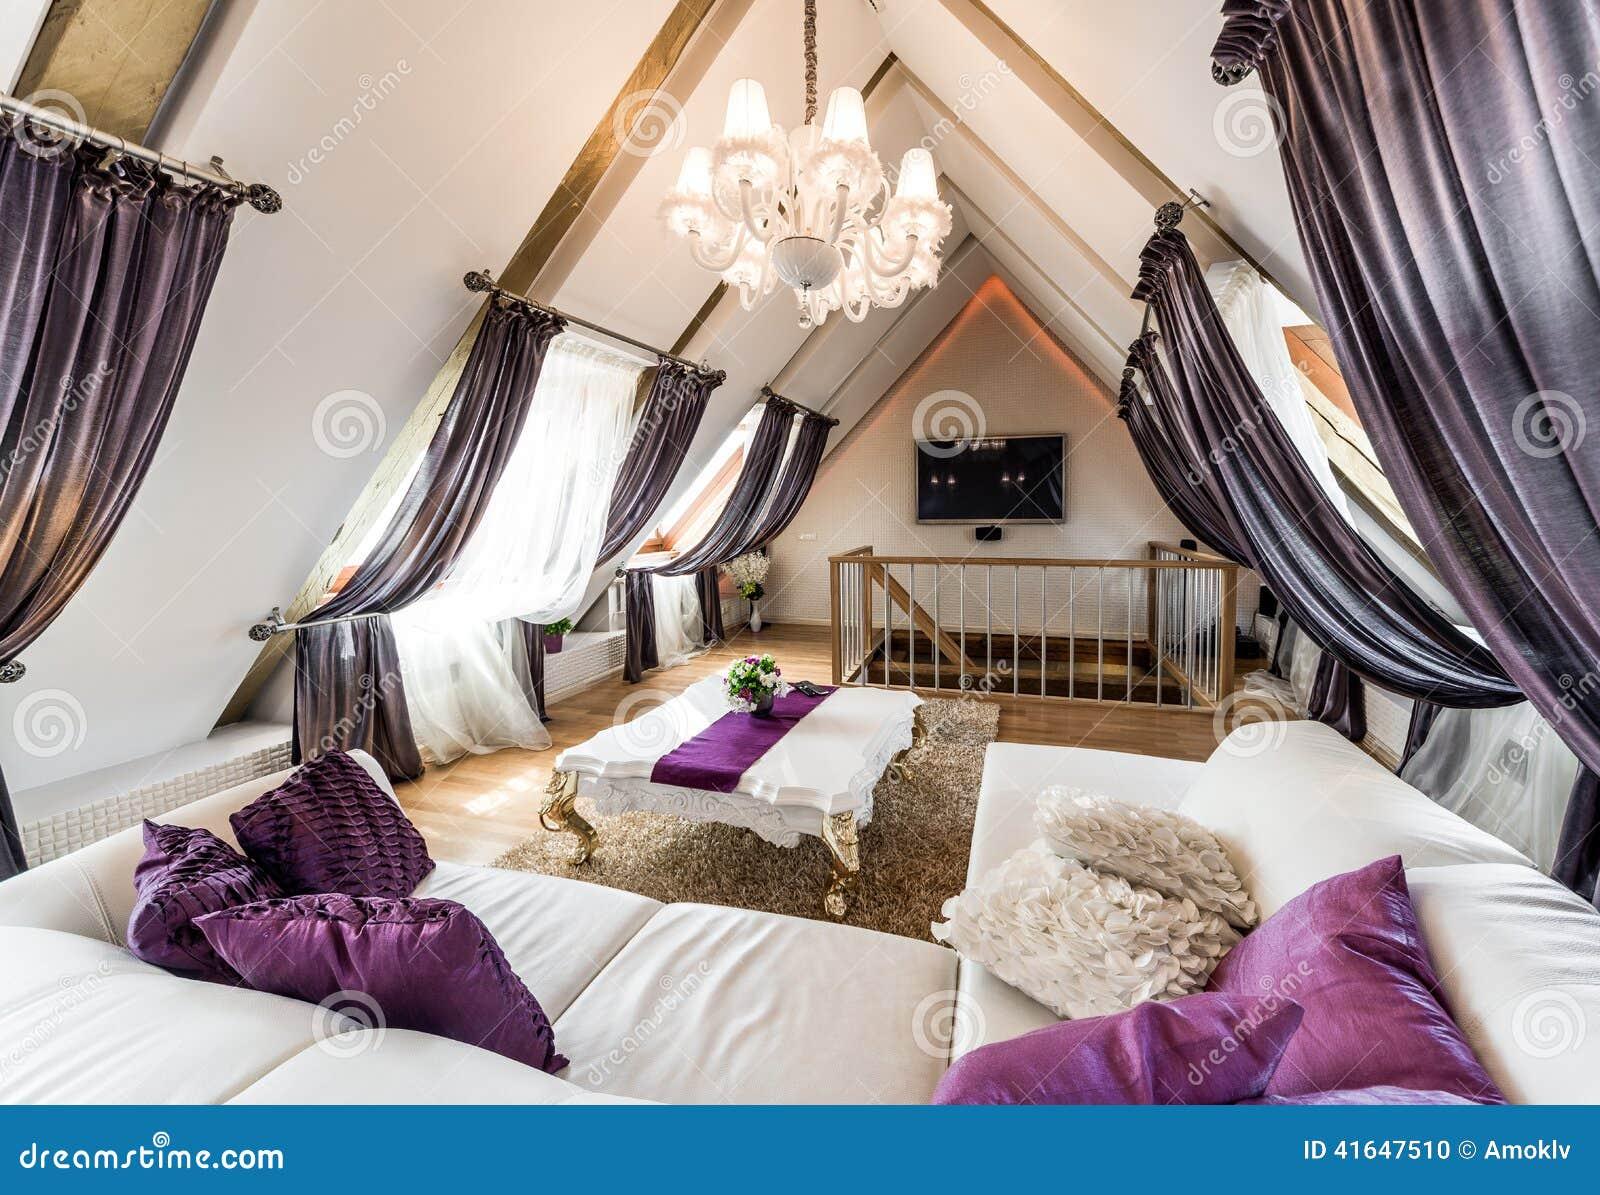 Woonkamer Op Zolder : Binnenland van woonkamer in de zolder stock foto afbeelding